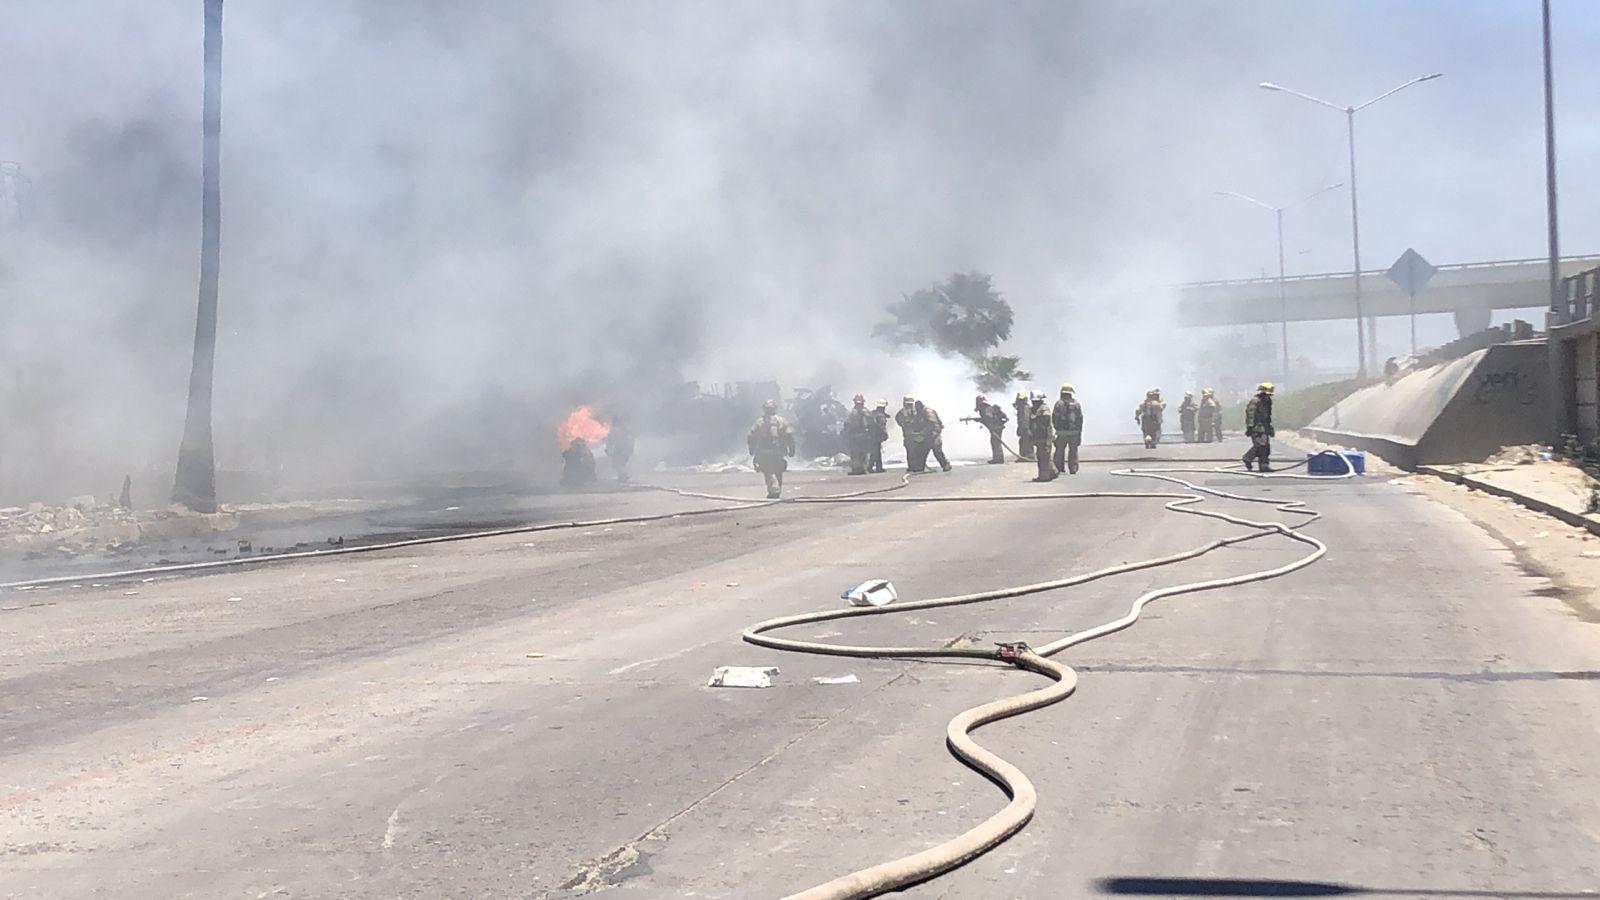 explosion-de-pipa-afecta-locales-comerciales-y-provoca-evacuacion